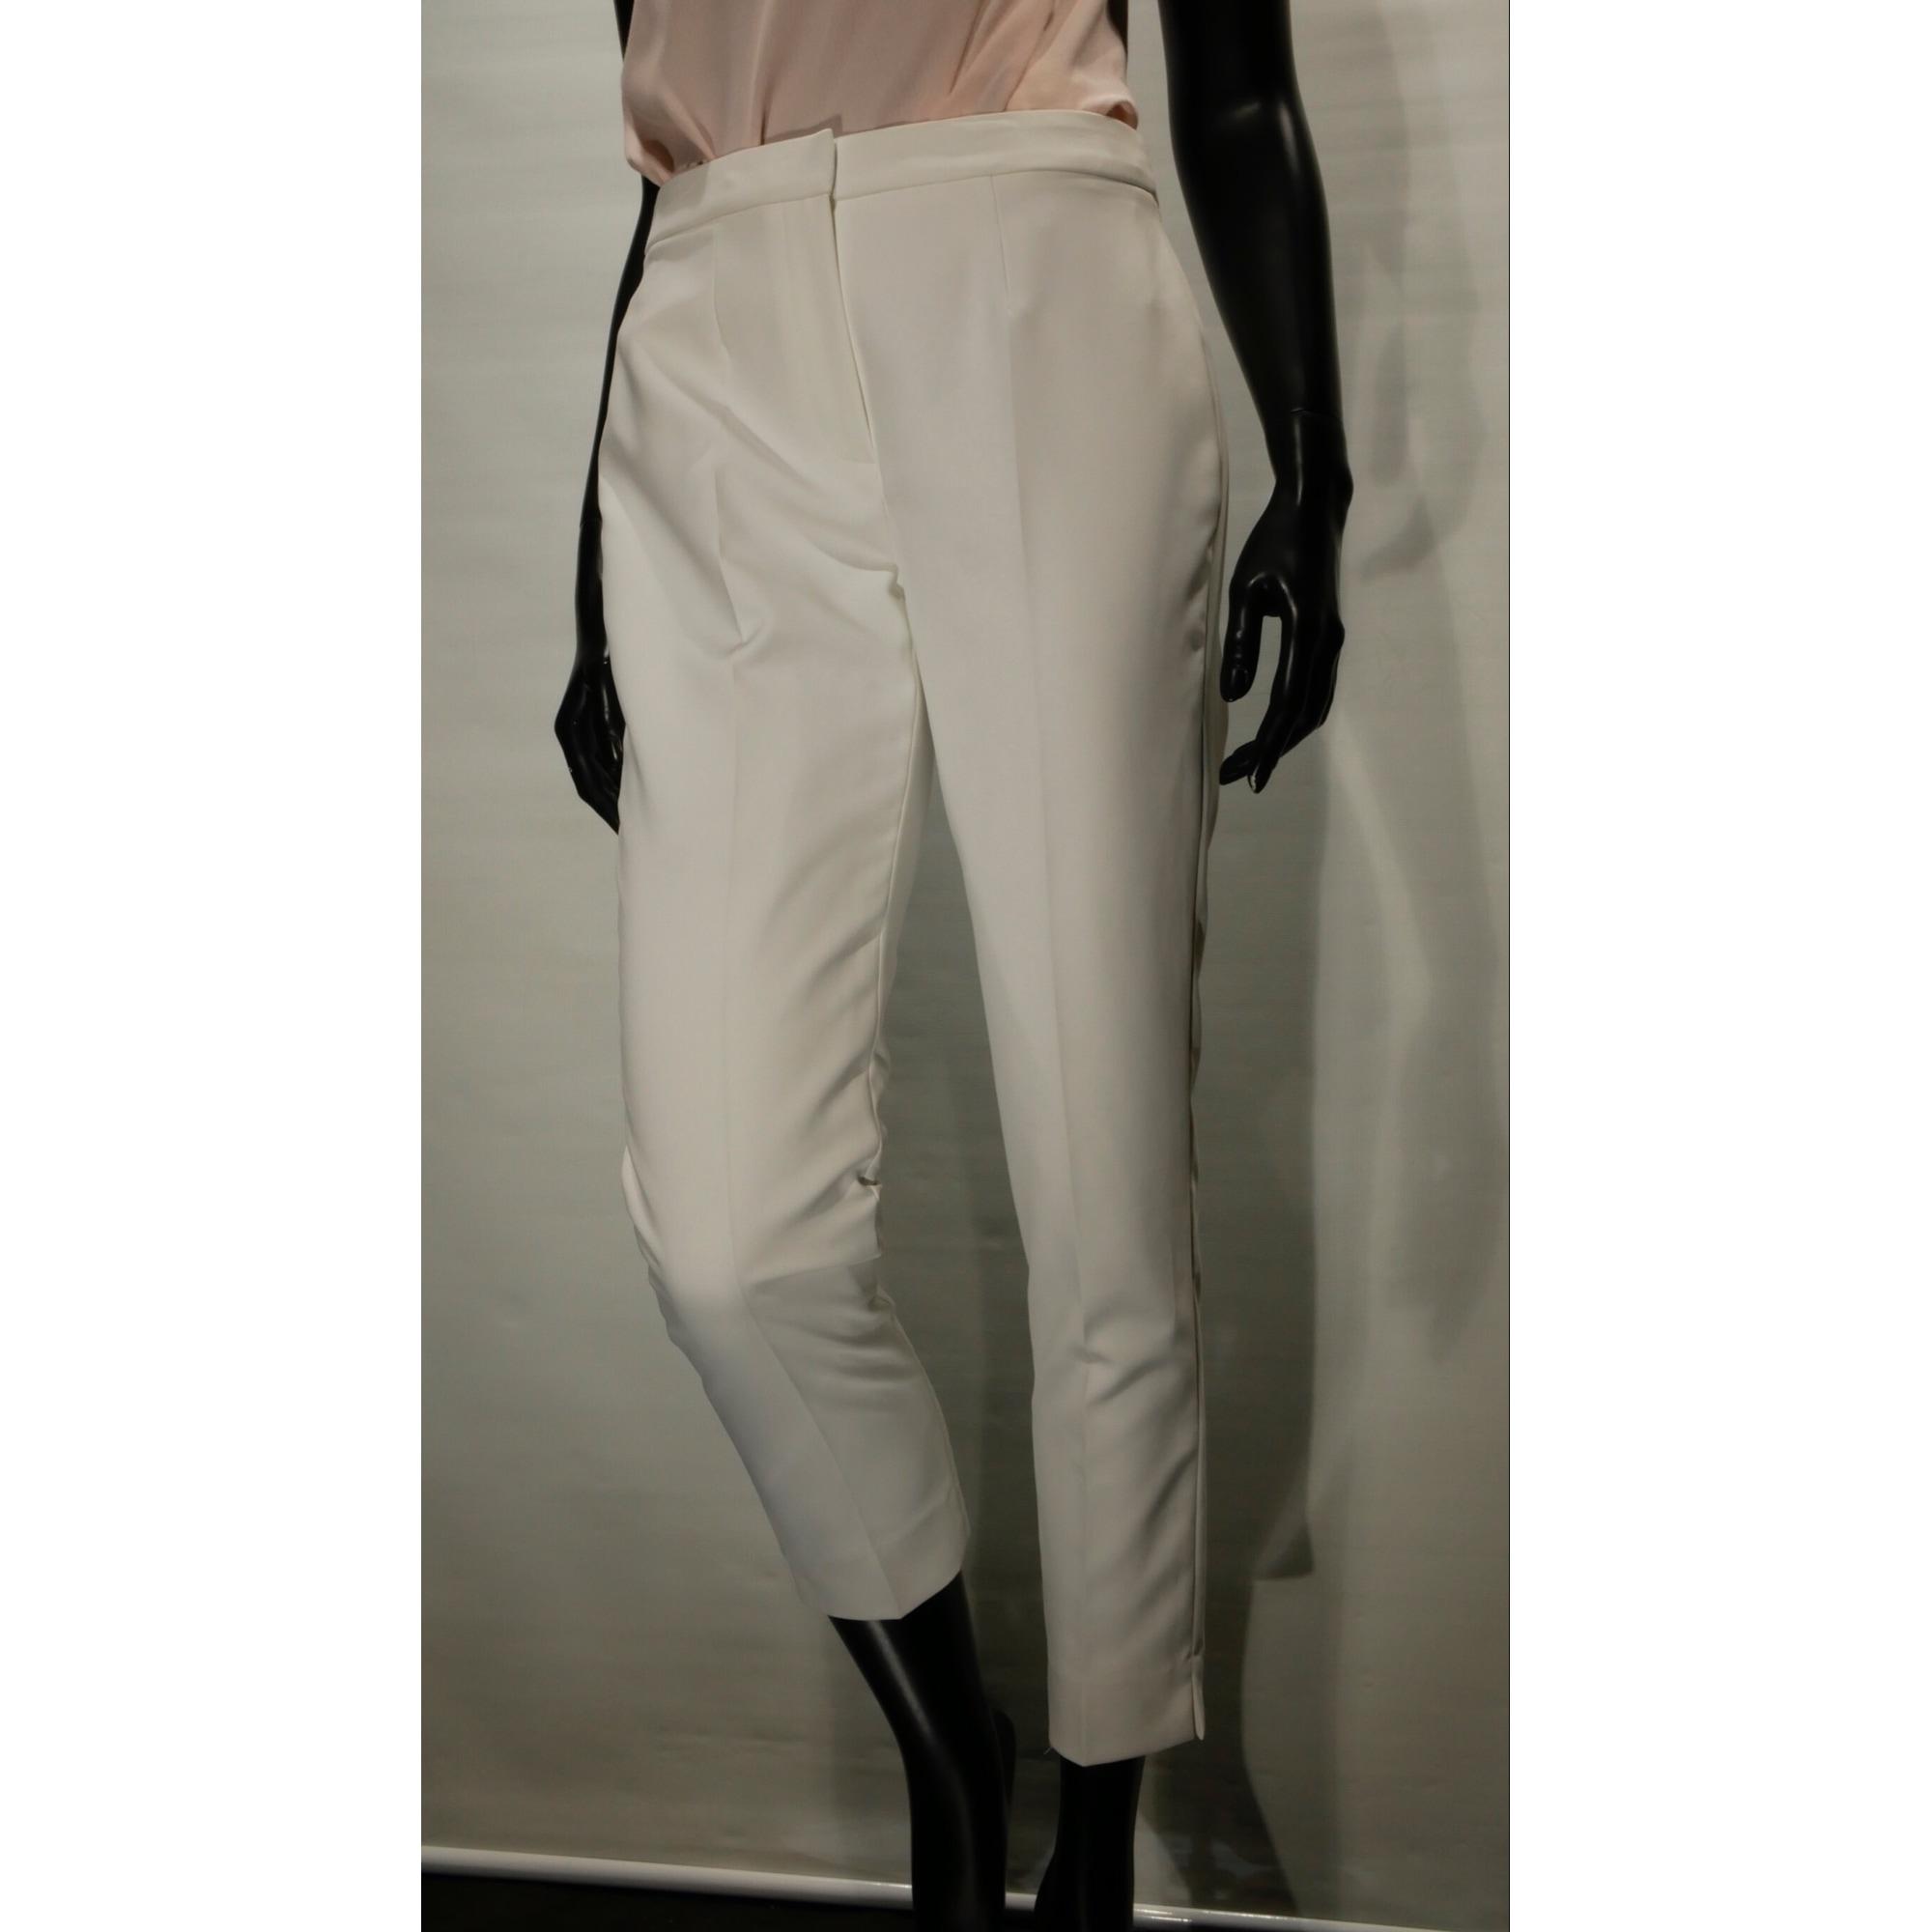 Pantalon droit UN JOUR AILLEURS Blanc, blanc cassé, écru